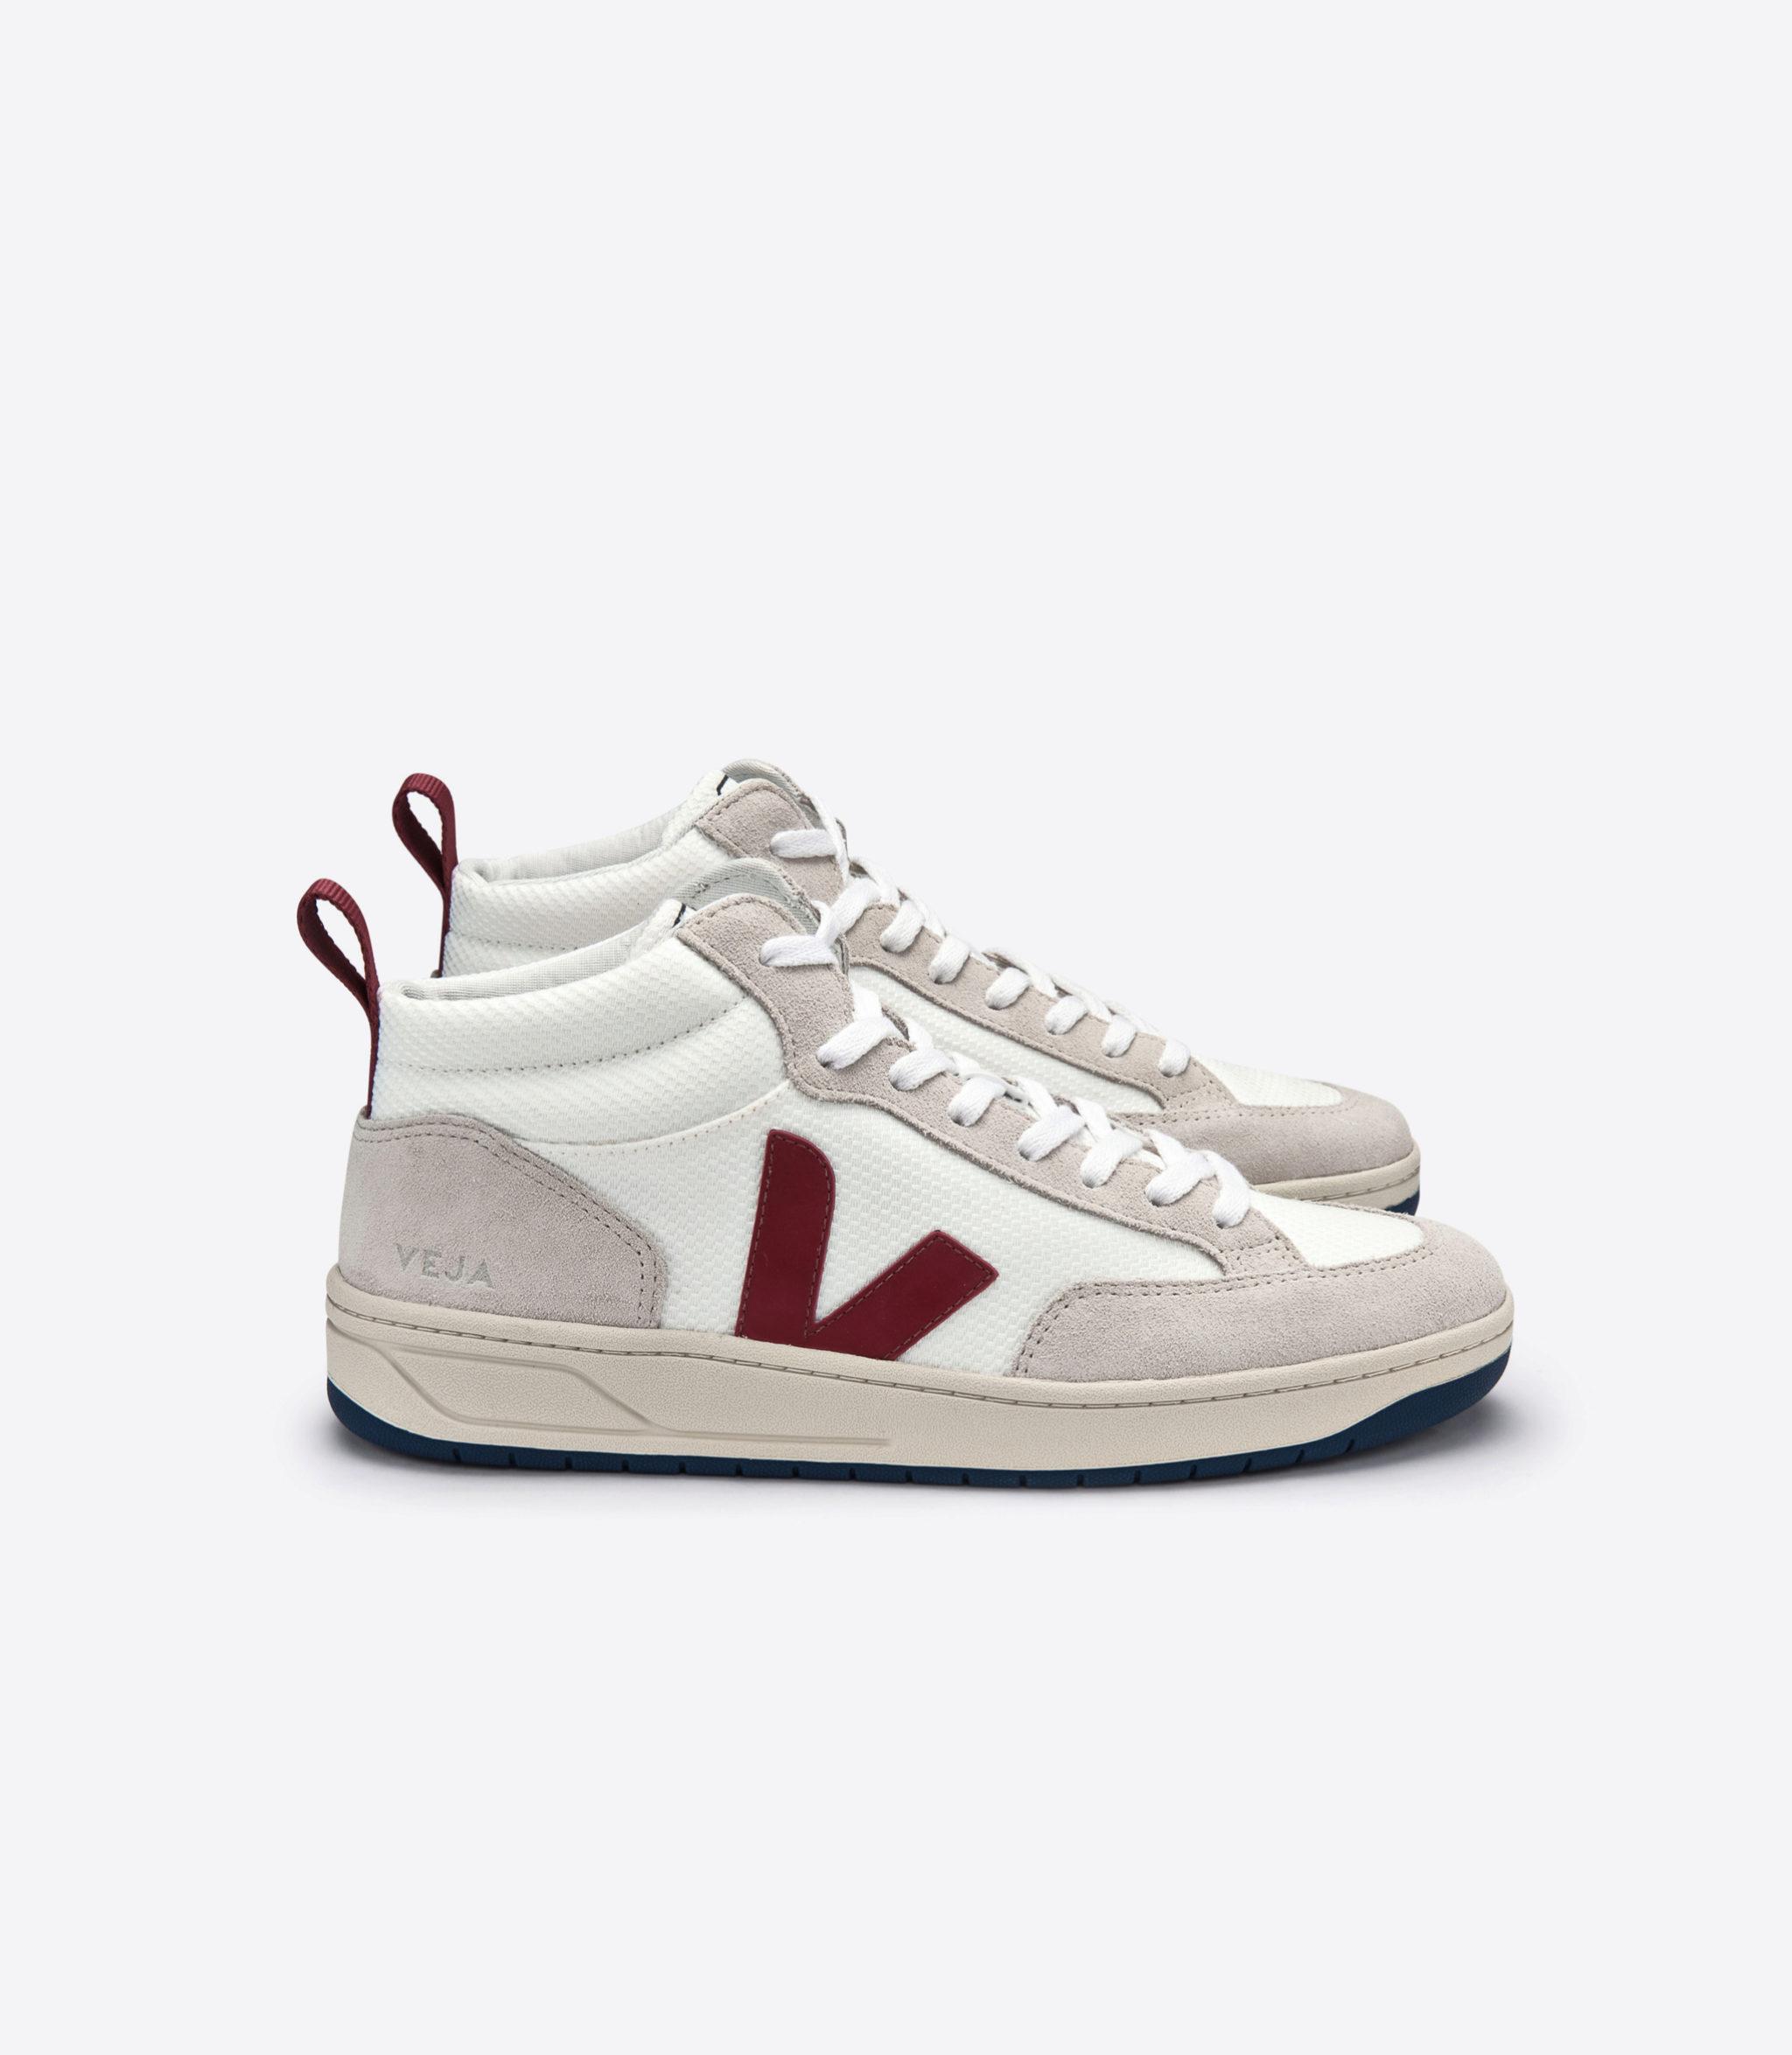 Zapatillas altas de la colección Otoño/Invierno 2019 de Veja